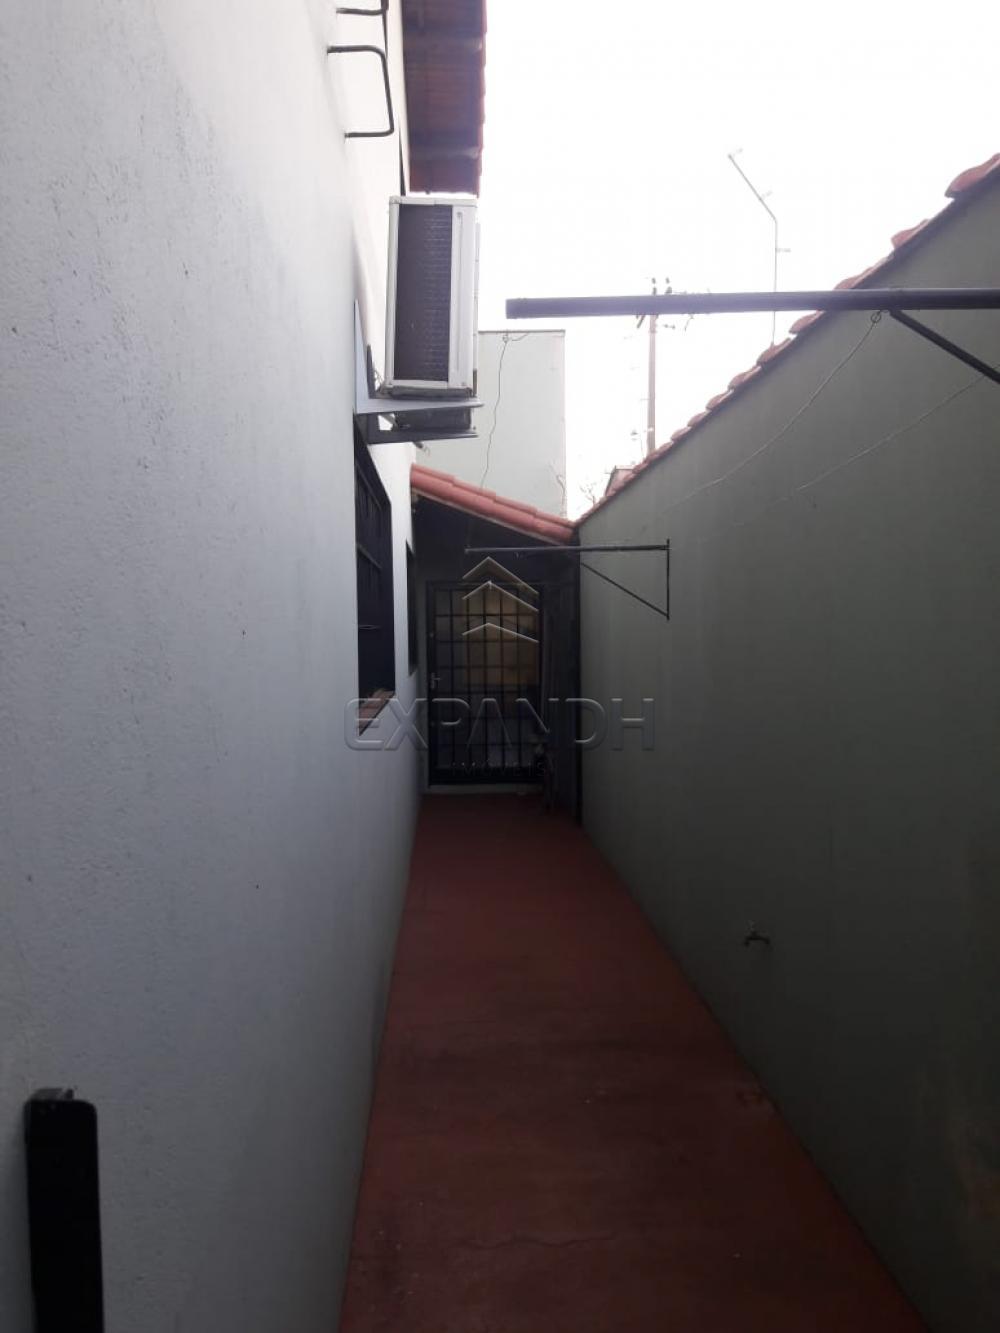 Comprar Casas / Padrão em Sertãozinho apenas R$ 690.000,00 - Foto 9